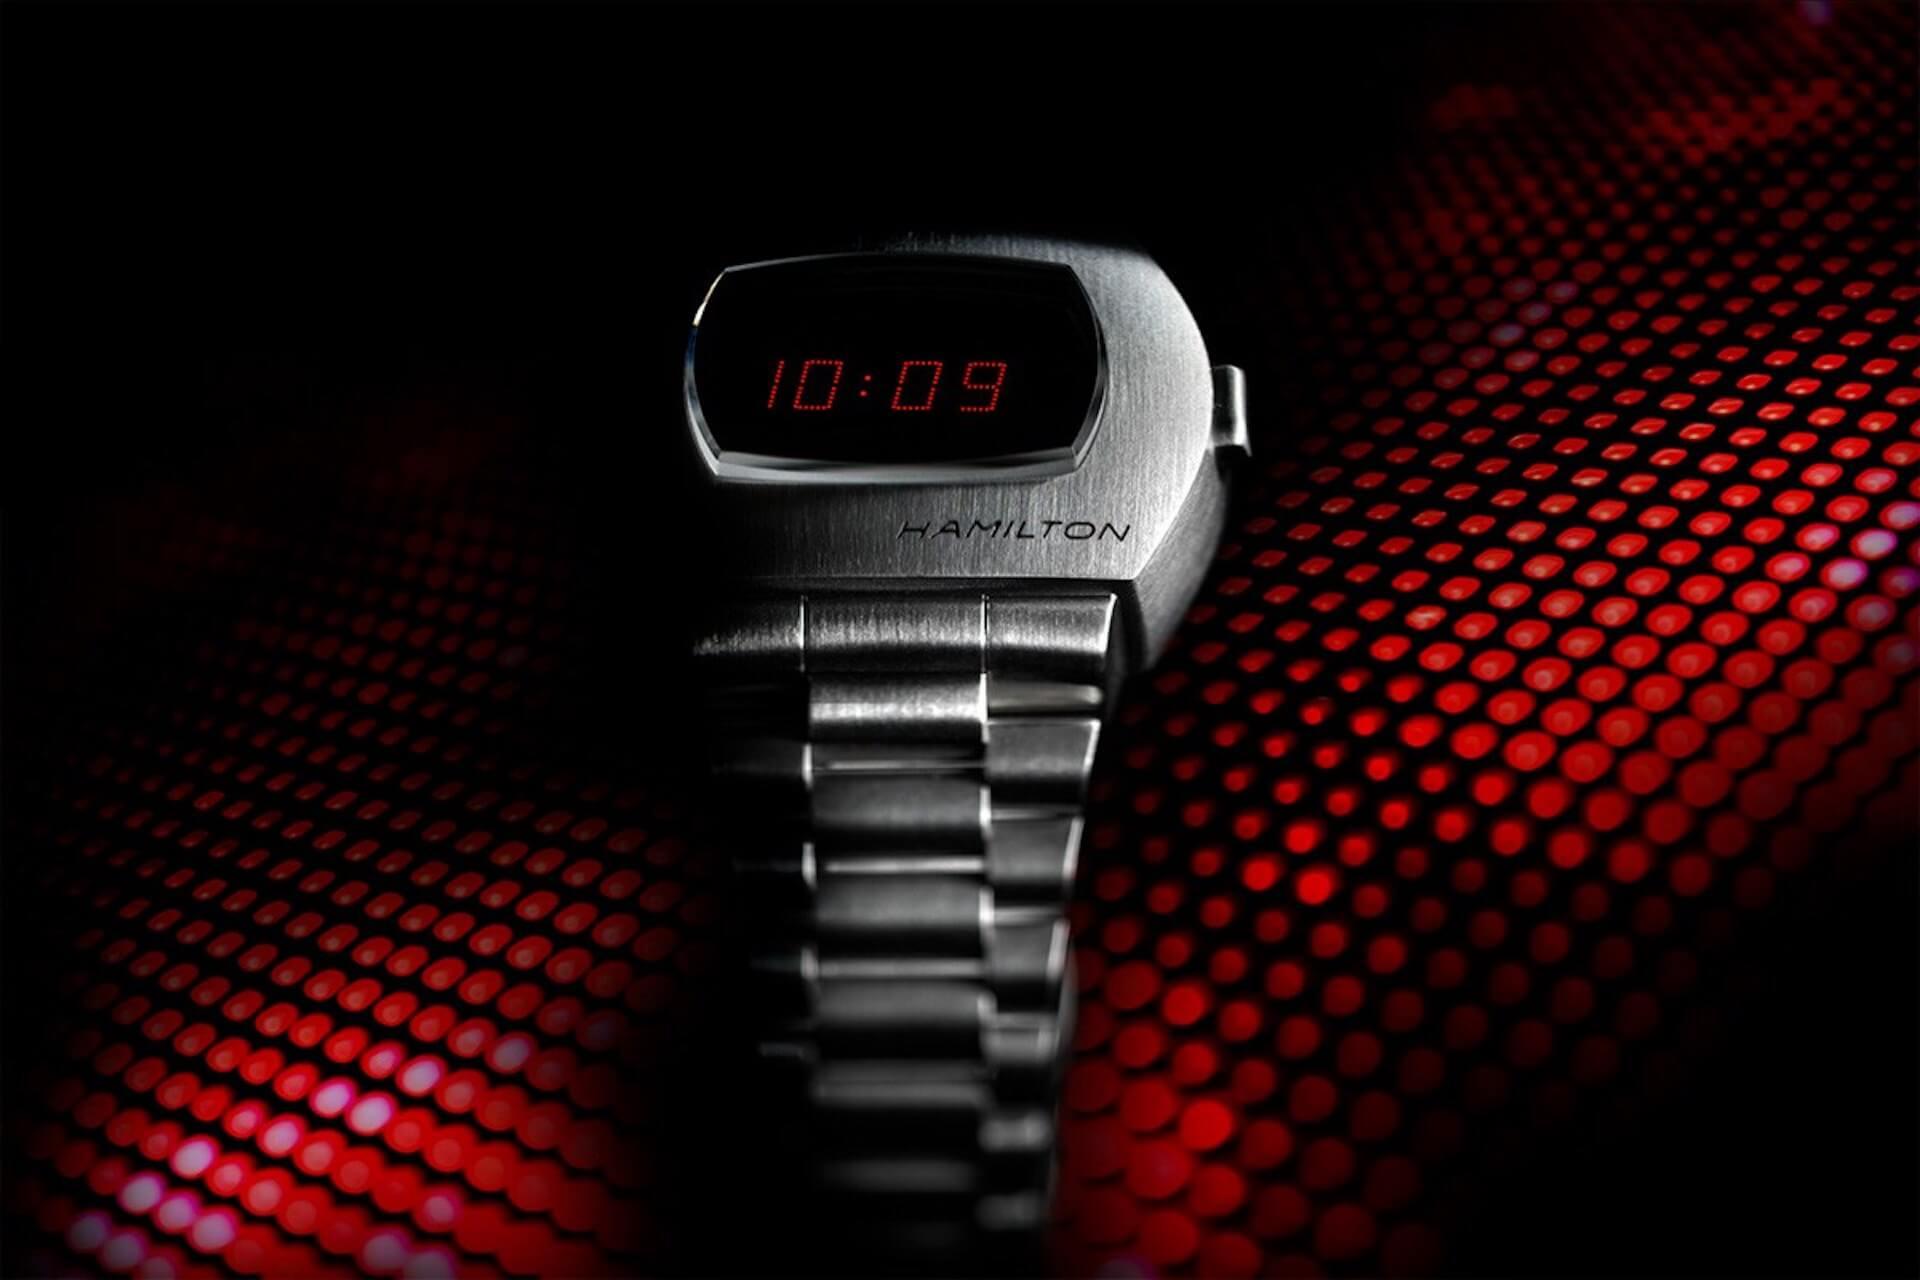 時計ライターがおすすめする、10万円以下で購入できる大人のカジュアルウォッチ8選 tech200612_jeep_watch_main